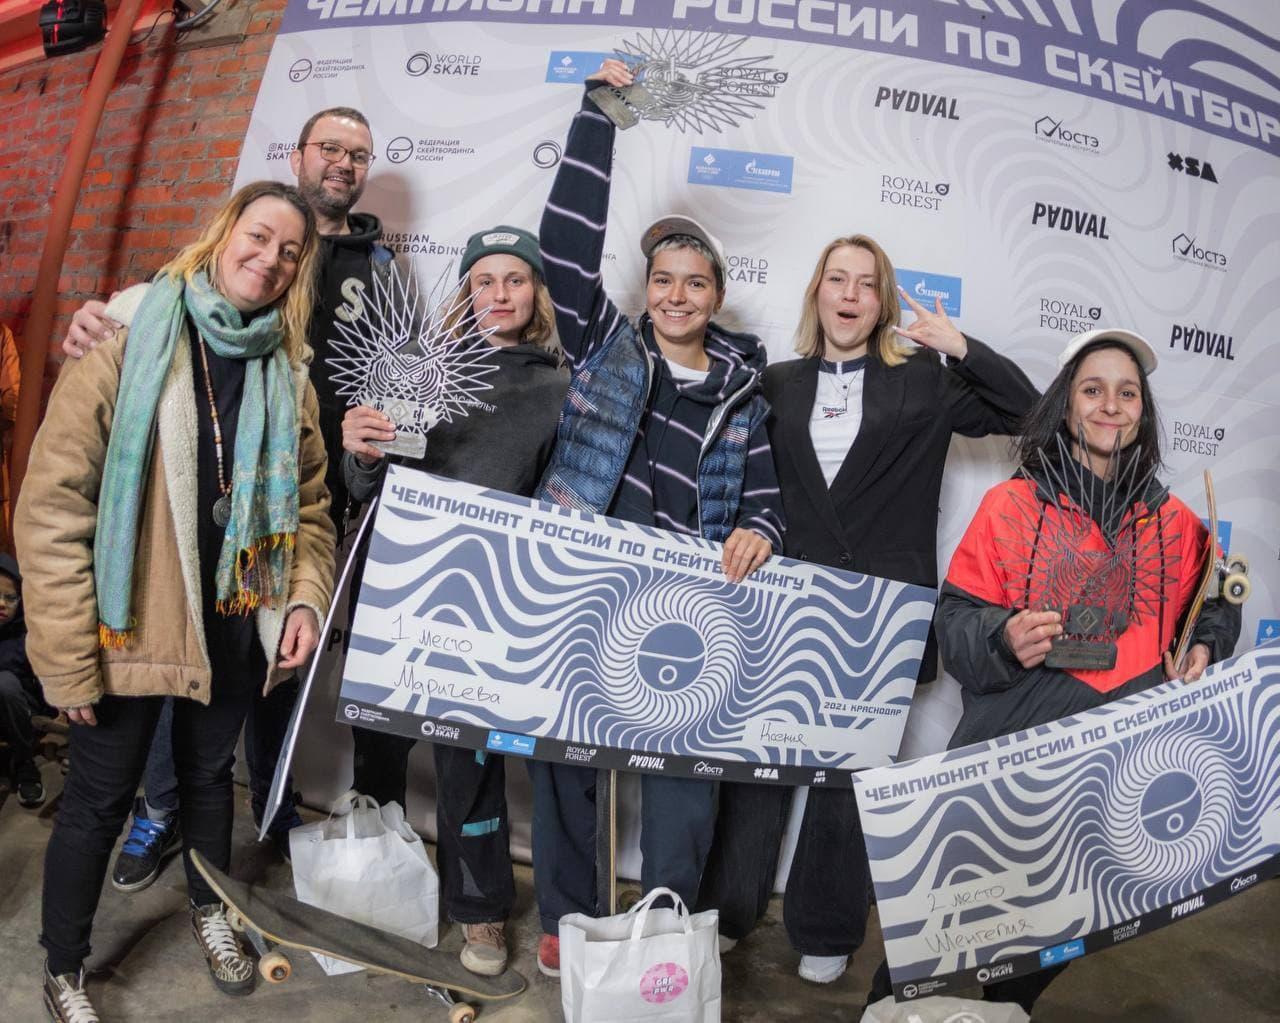 Подмосковная скейтбордистка стала чемпионкой России